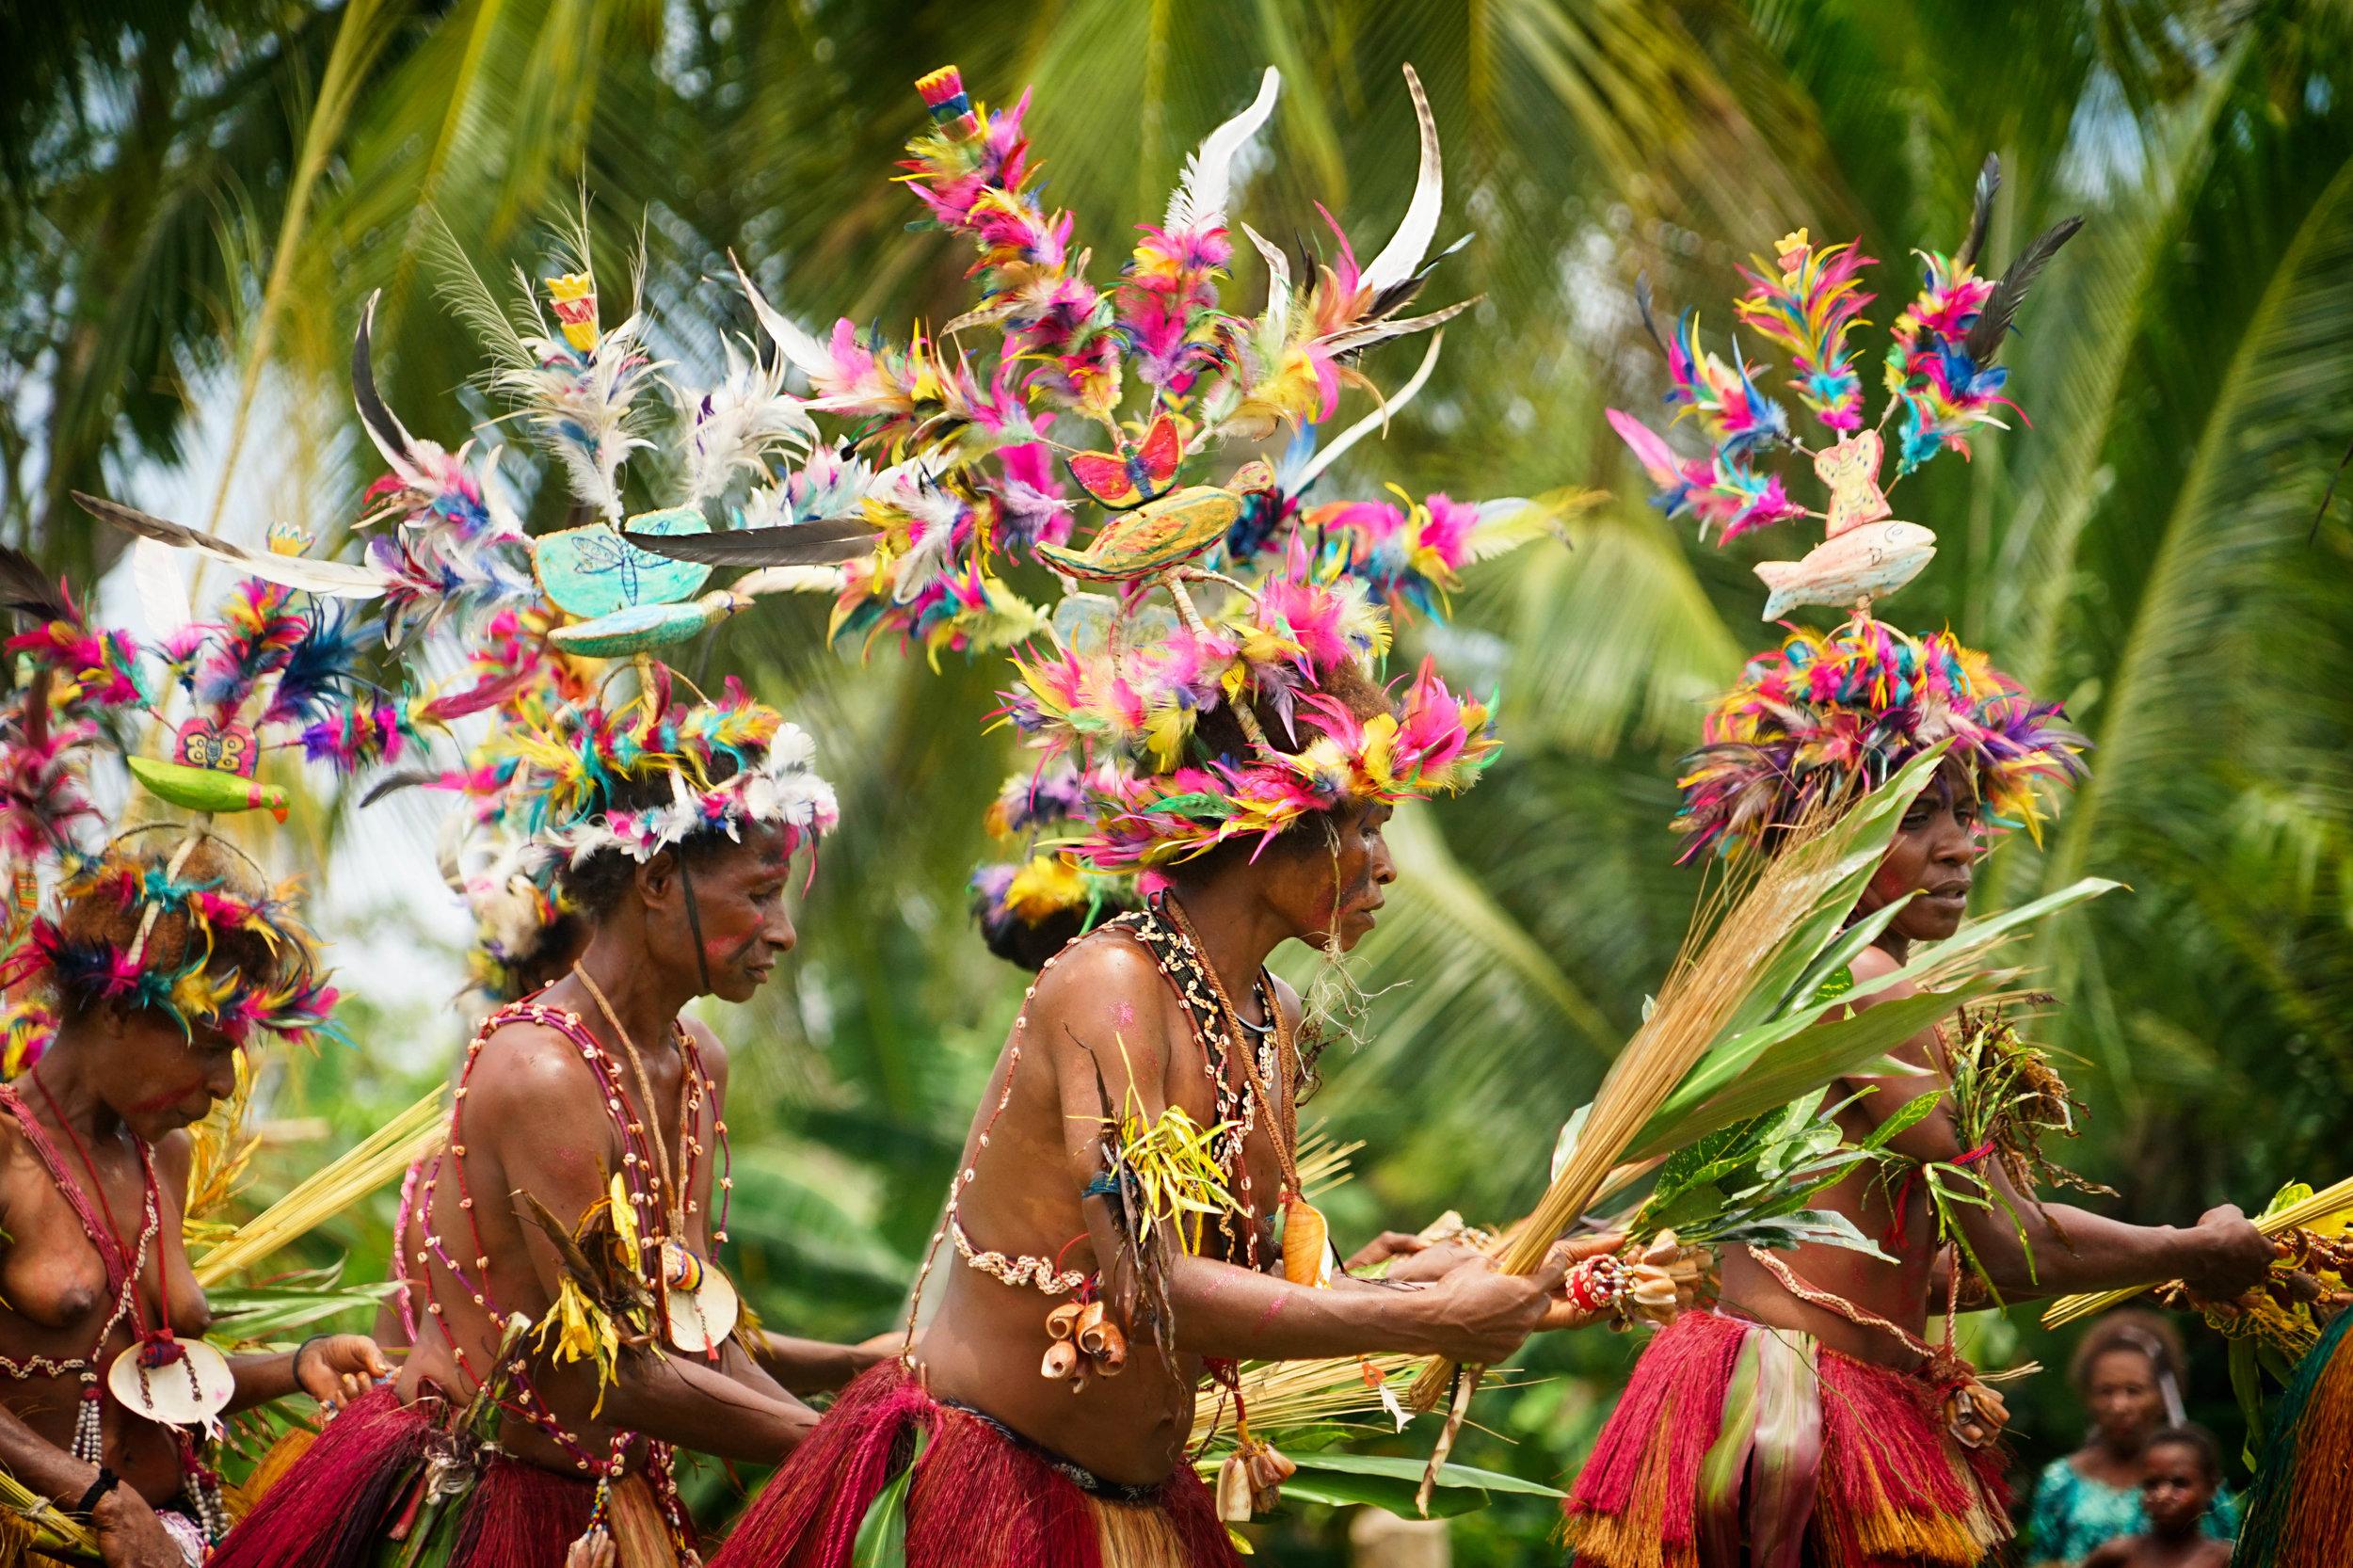 Sepik River sing sing, Papua New Guinea